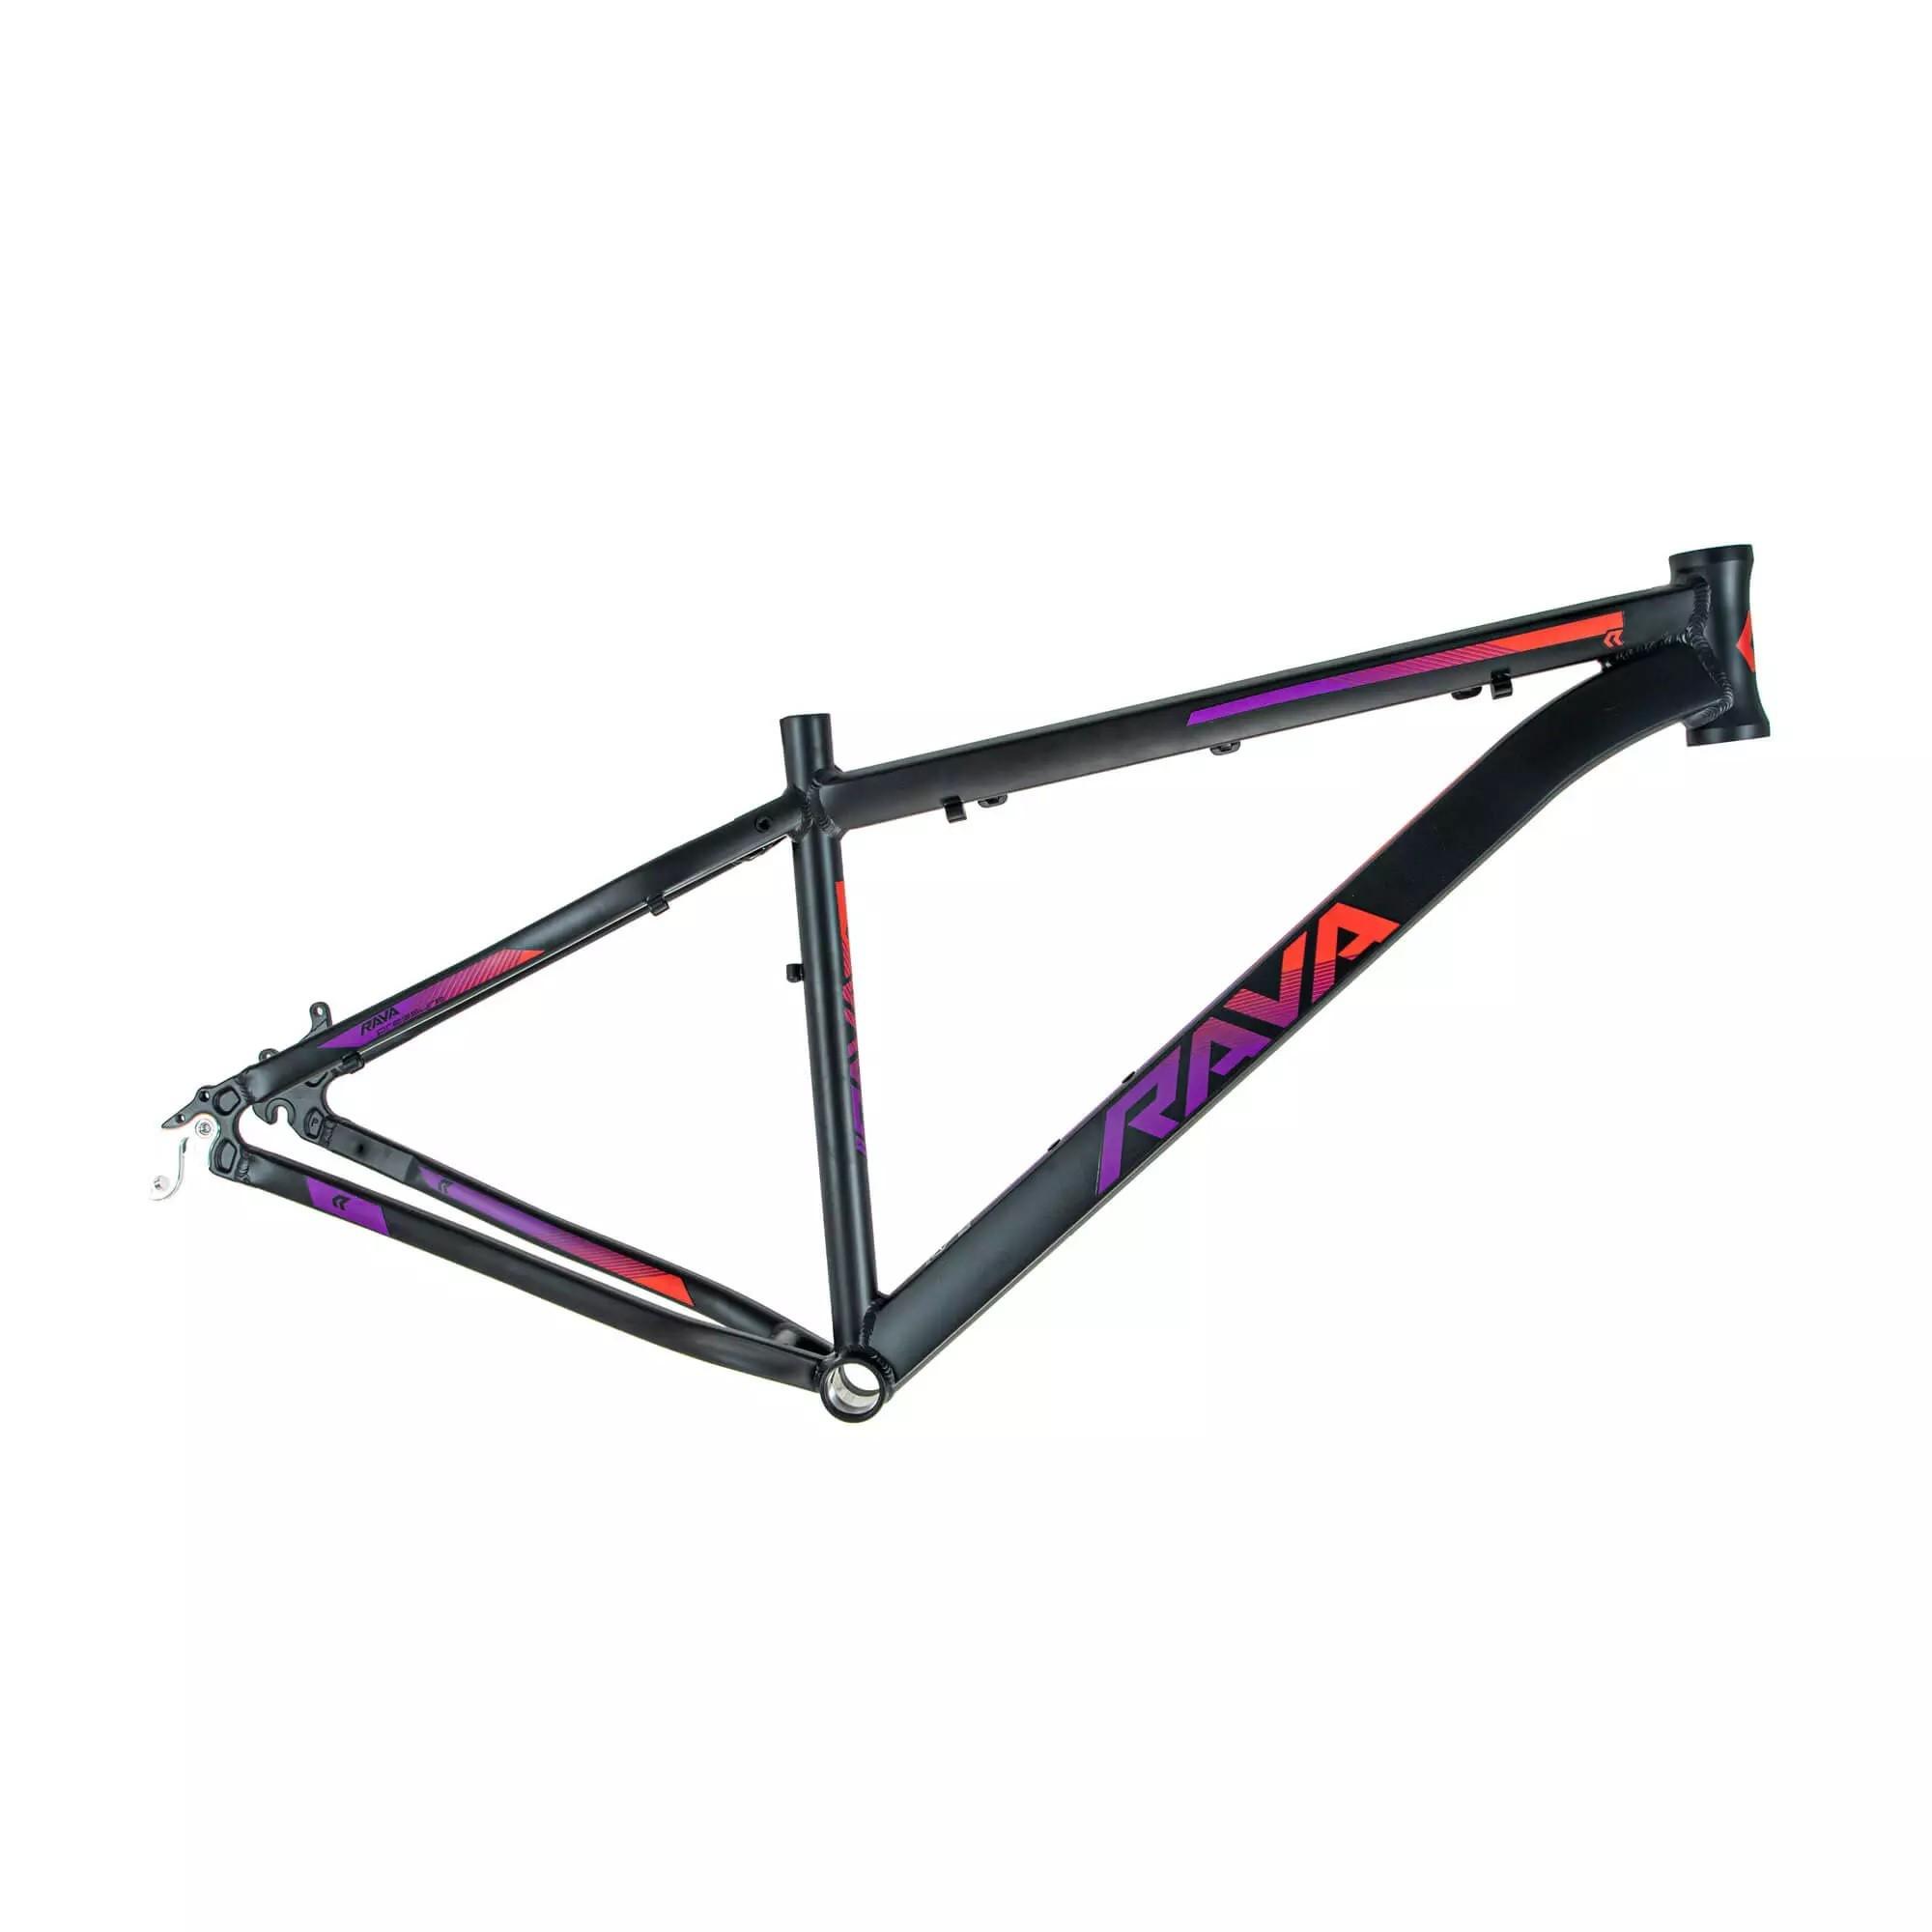 Quadro Aro 29 MTB Rava Pressure 2020 Alumínio - Preto / Vermelho / Violeta